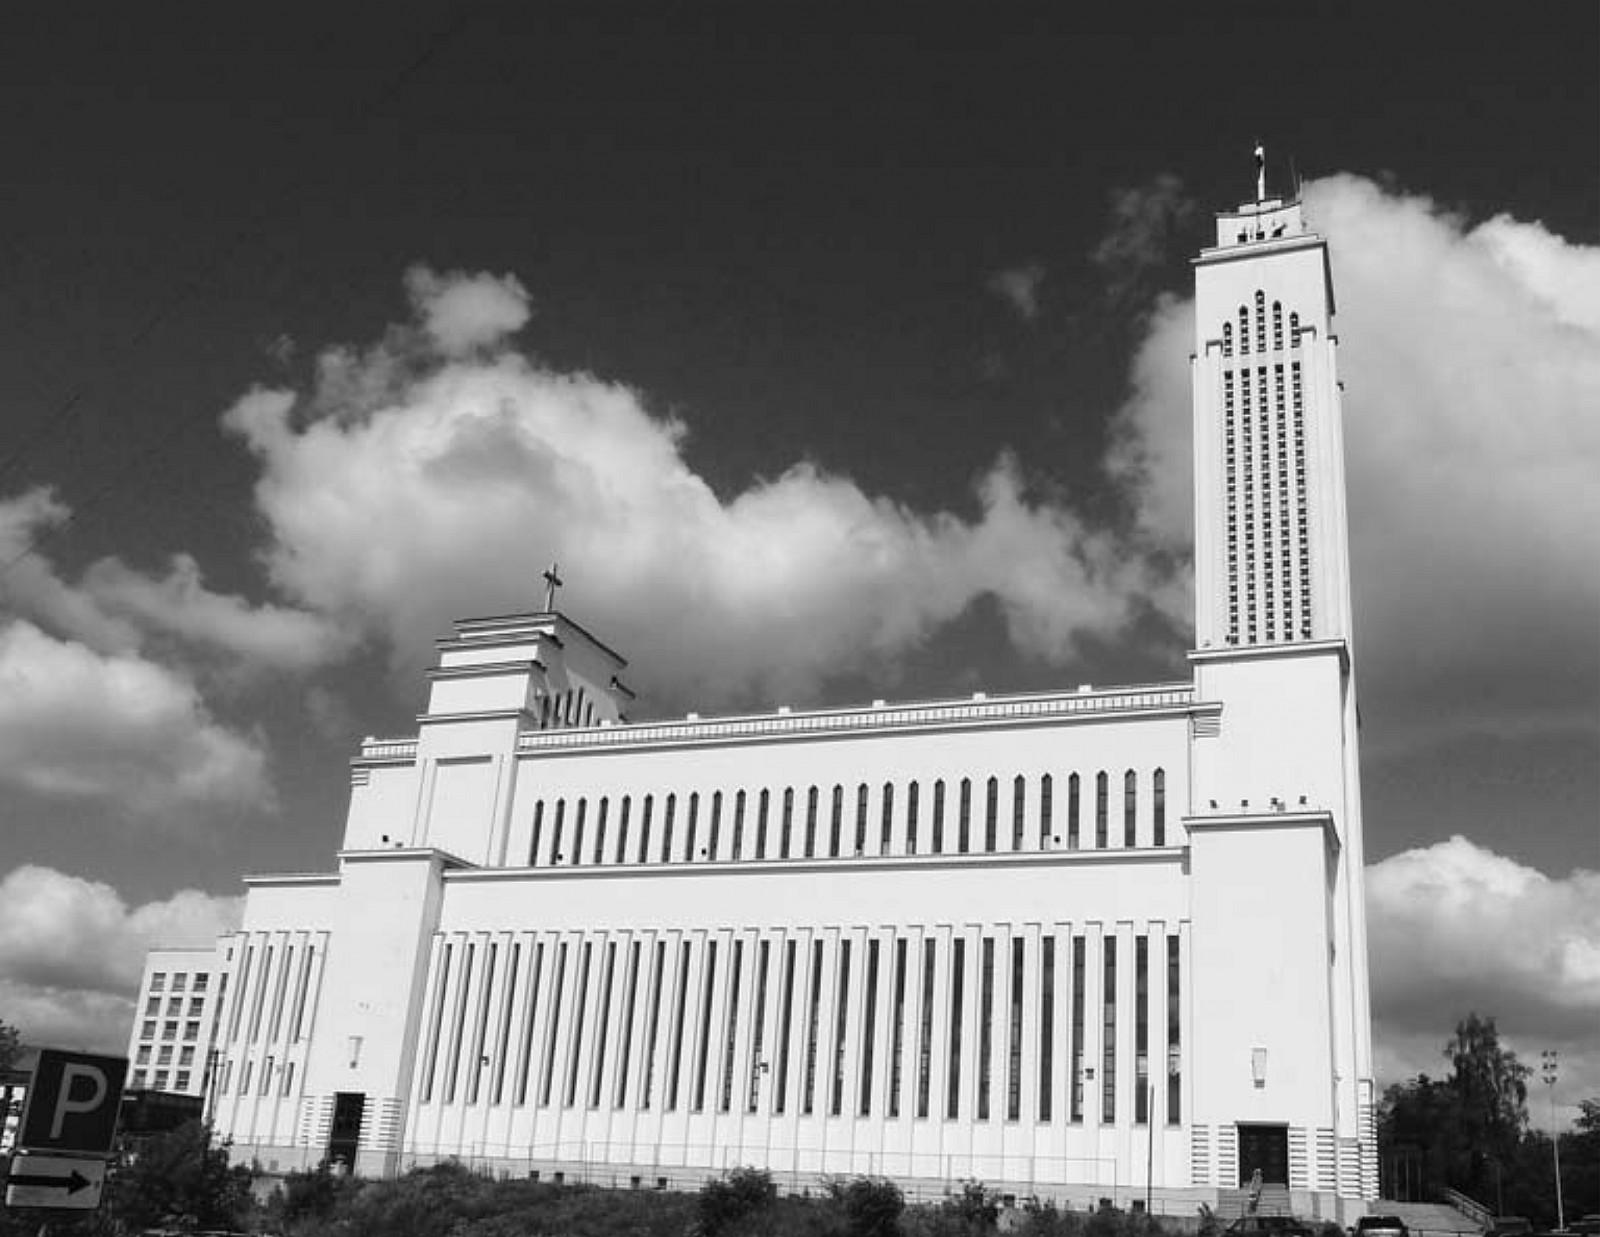 14 il. Karolis Reisonas, Algimantas Sprindys, Atstatytoji Kristaus Prisikėlimo bažnyčia: pietų fasadas, 2011 m., Aido Vasiliausko nuotrauka